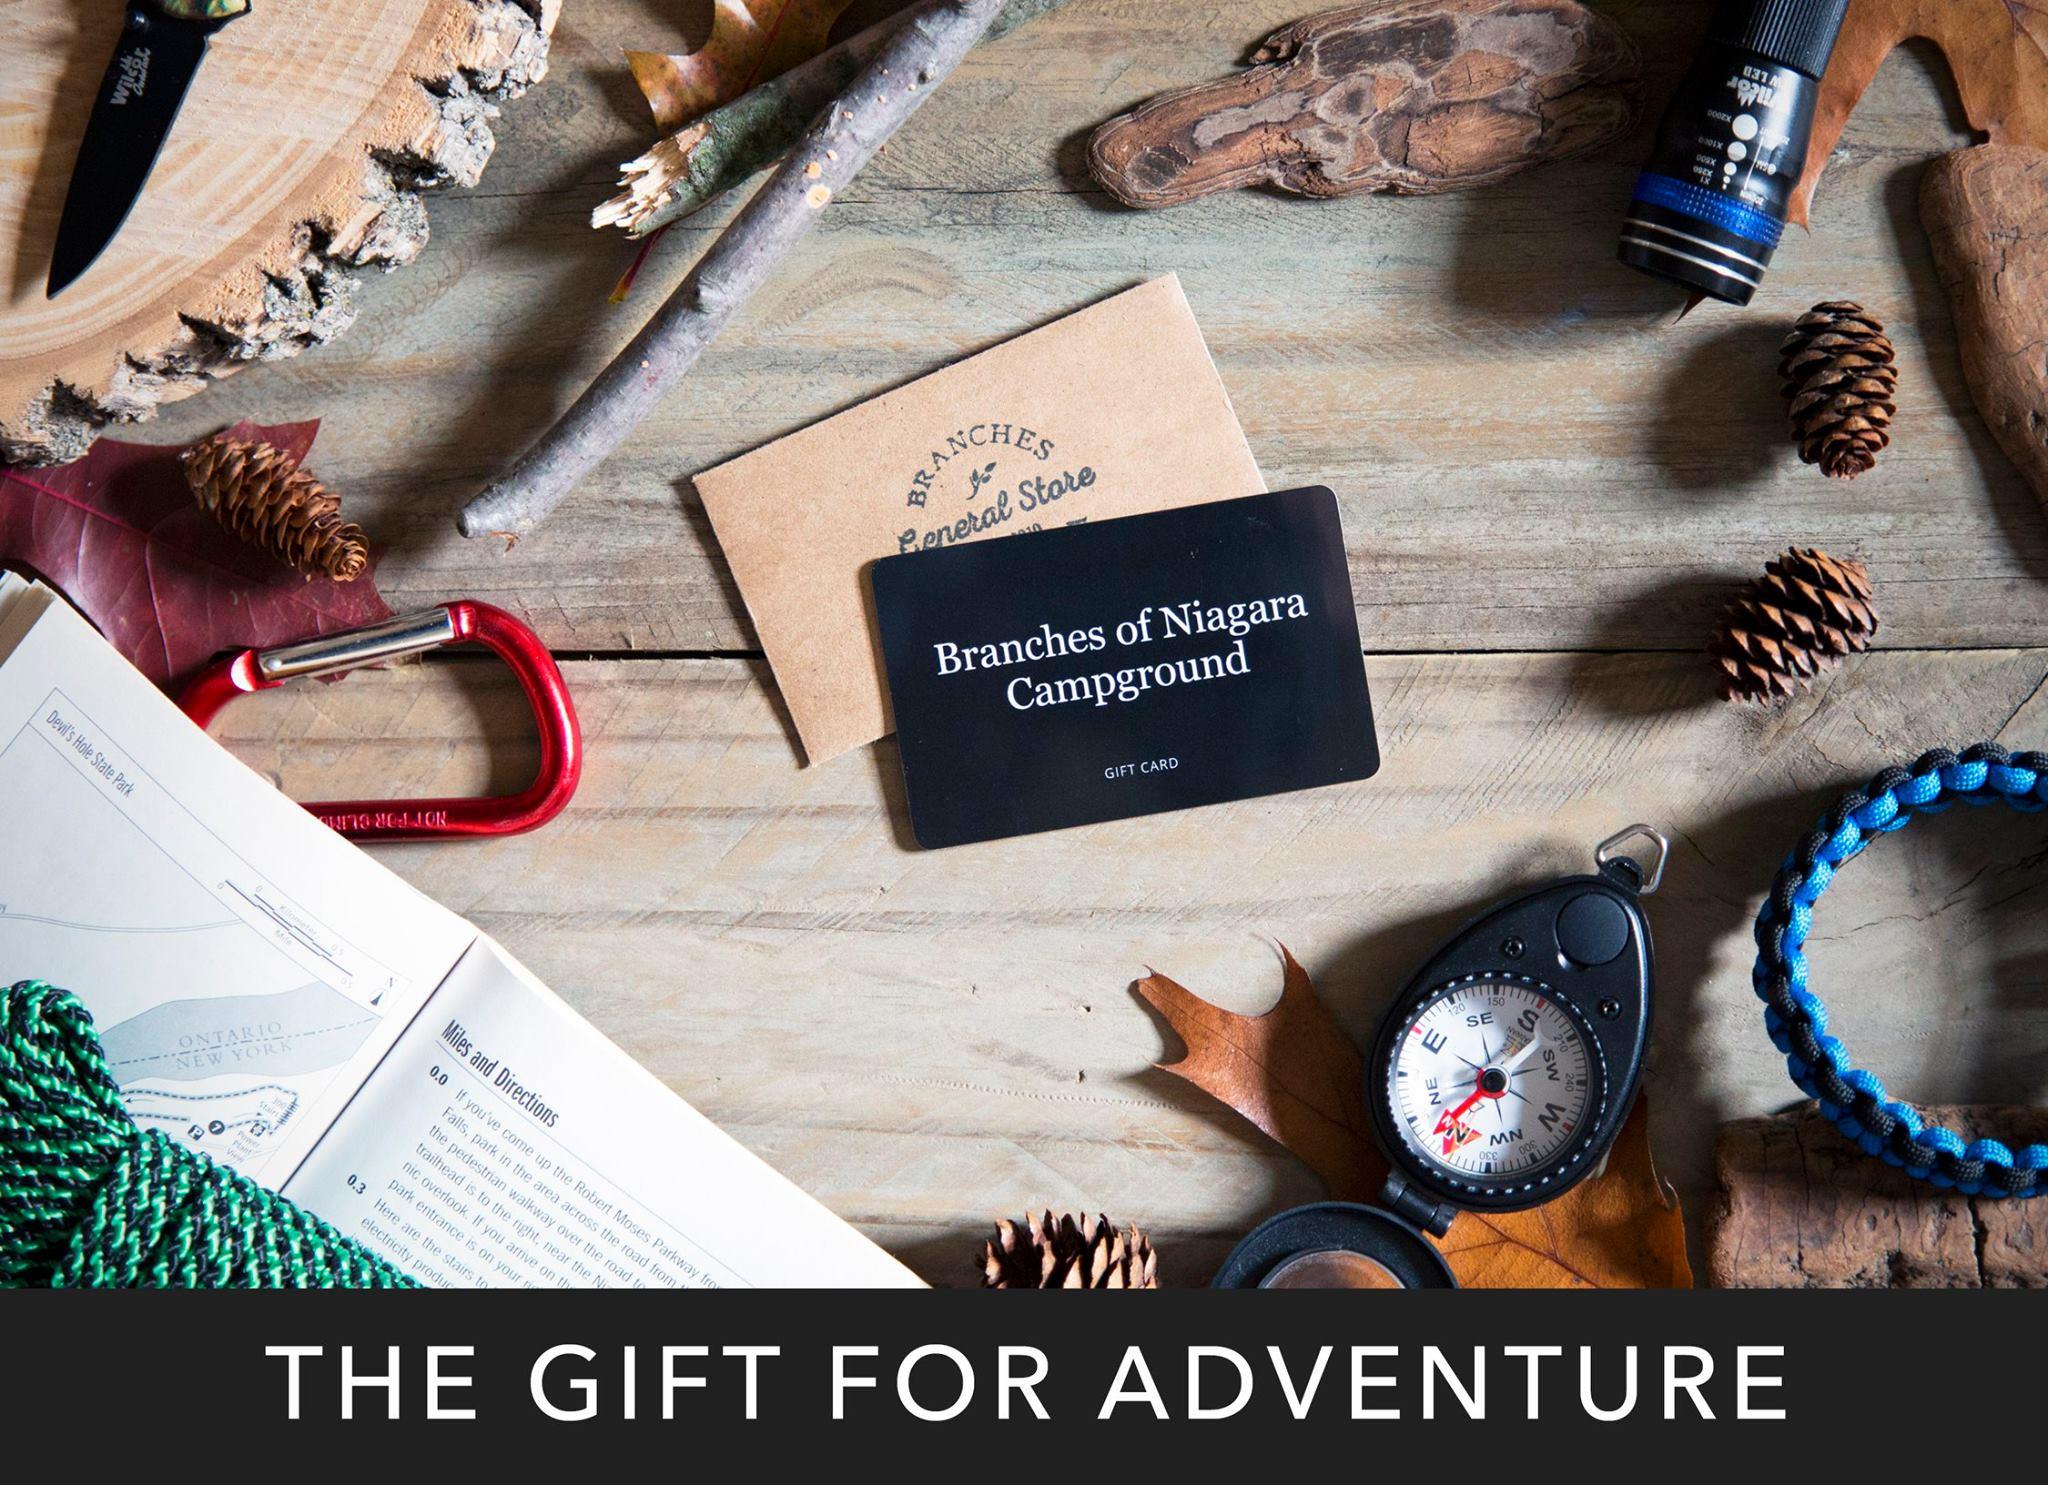 branches of niagara gift card